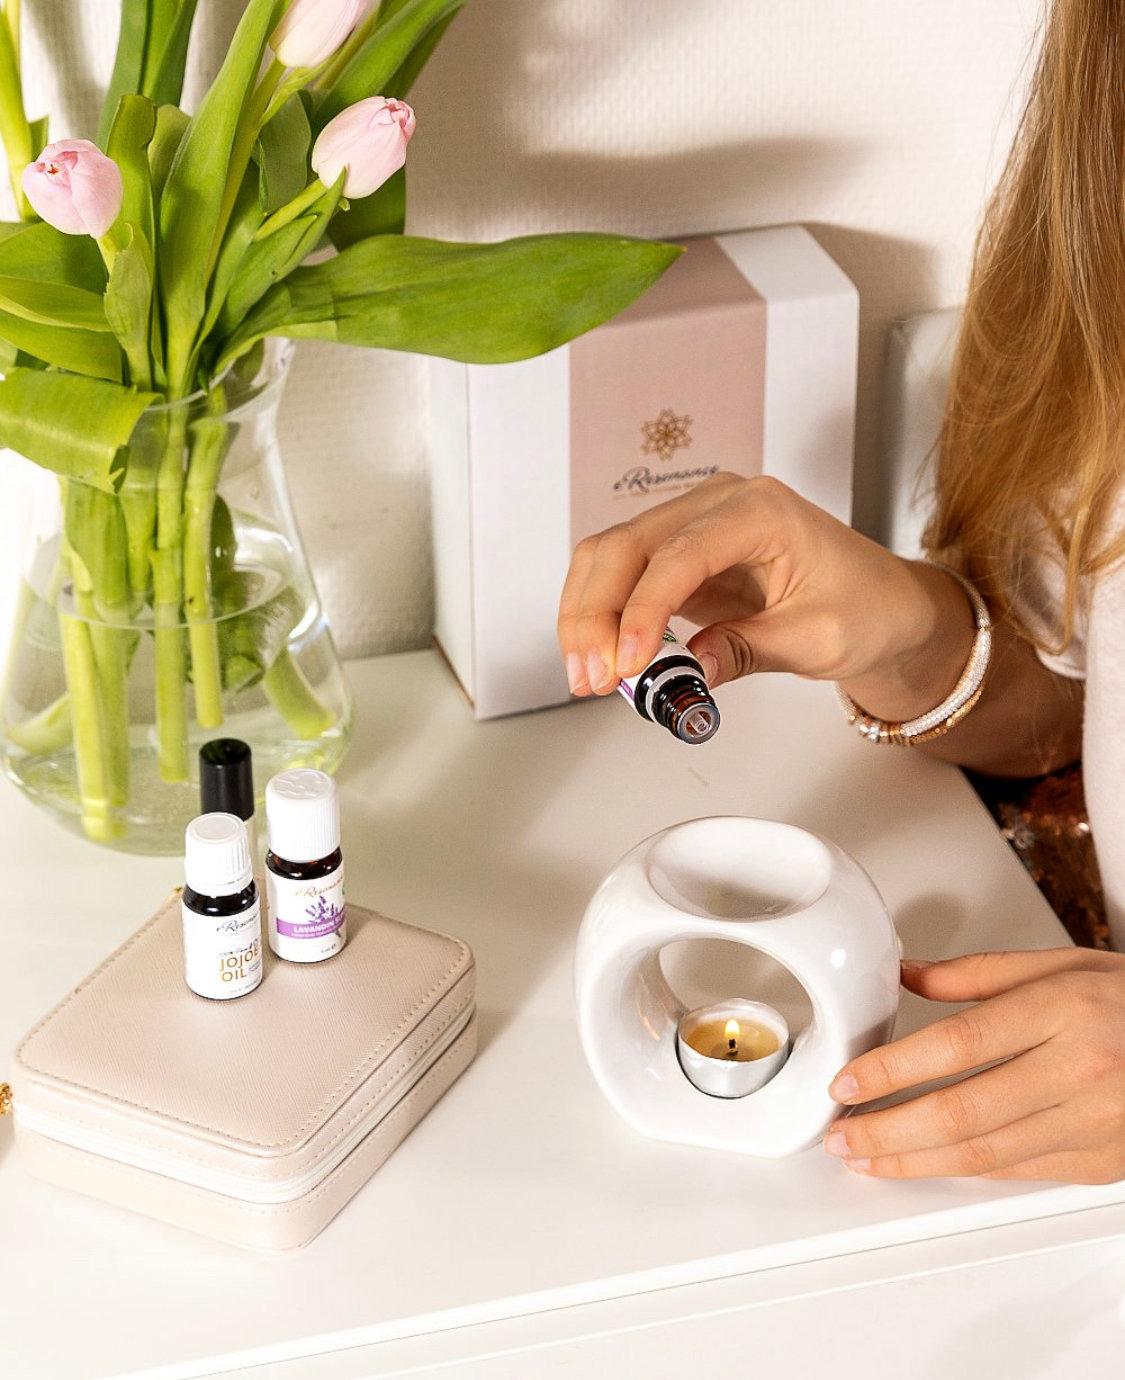 Bespoke Aromatherapy Session